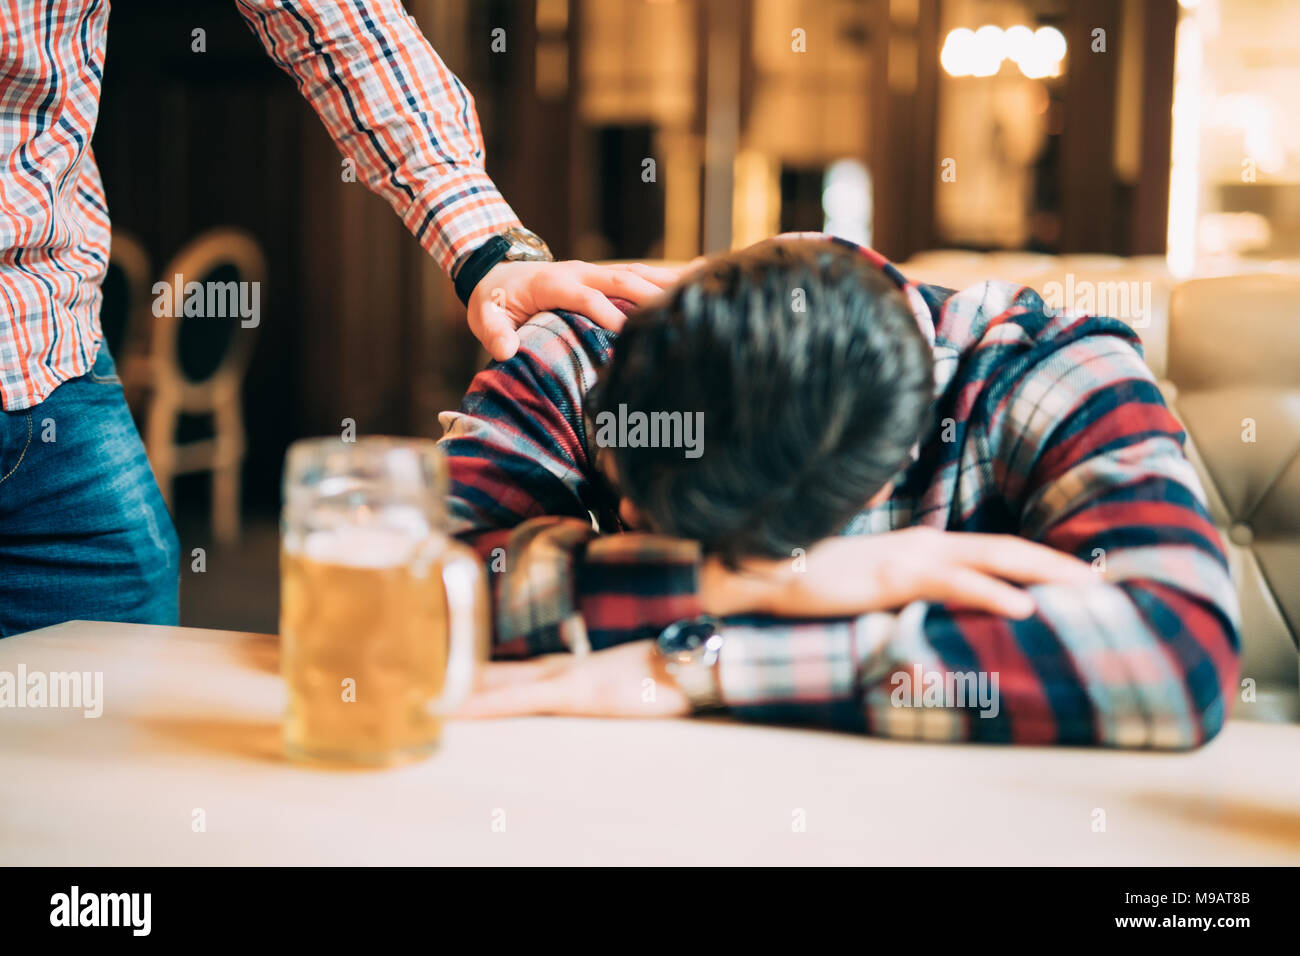 La gente, el ocio, la amistad y el concepto de partido - Hombre con cerveza despertando a su amigo borracho durmiendo sobre la mesa en el bar o pub Imagen De Stock